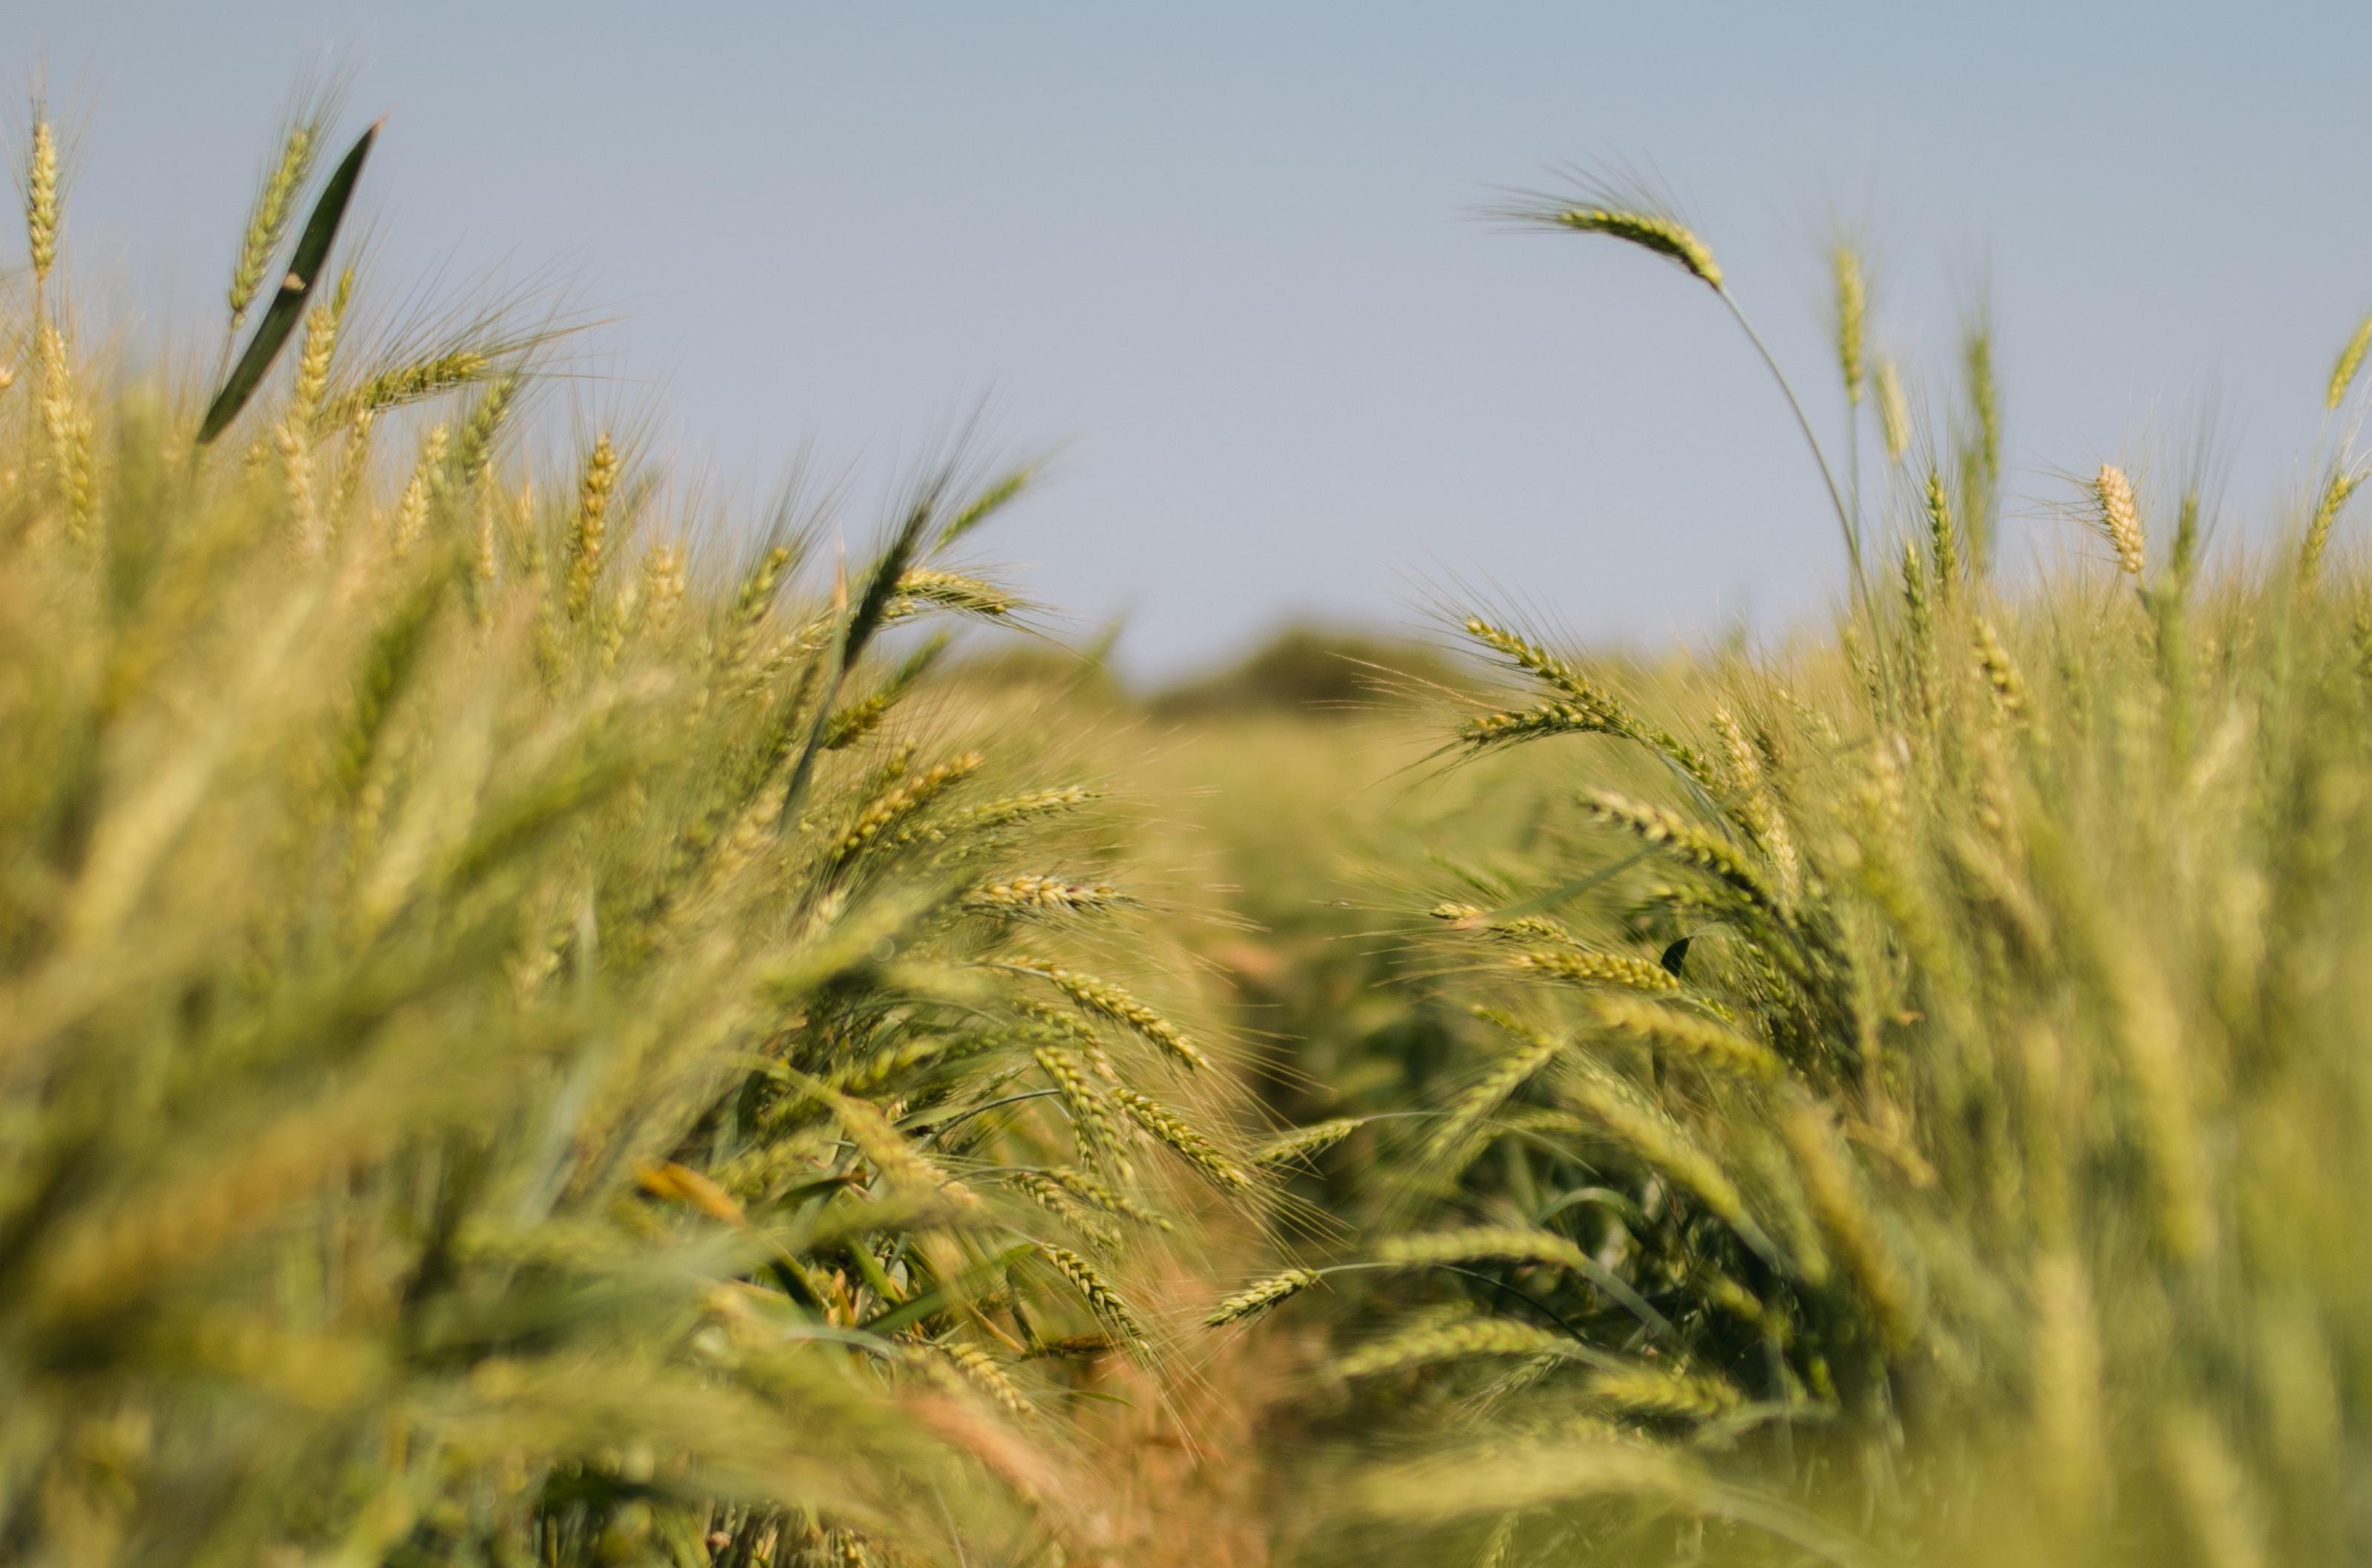 Cultura se adaptou bem em áreas irrigadas